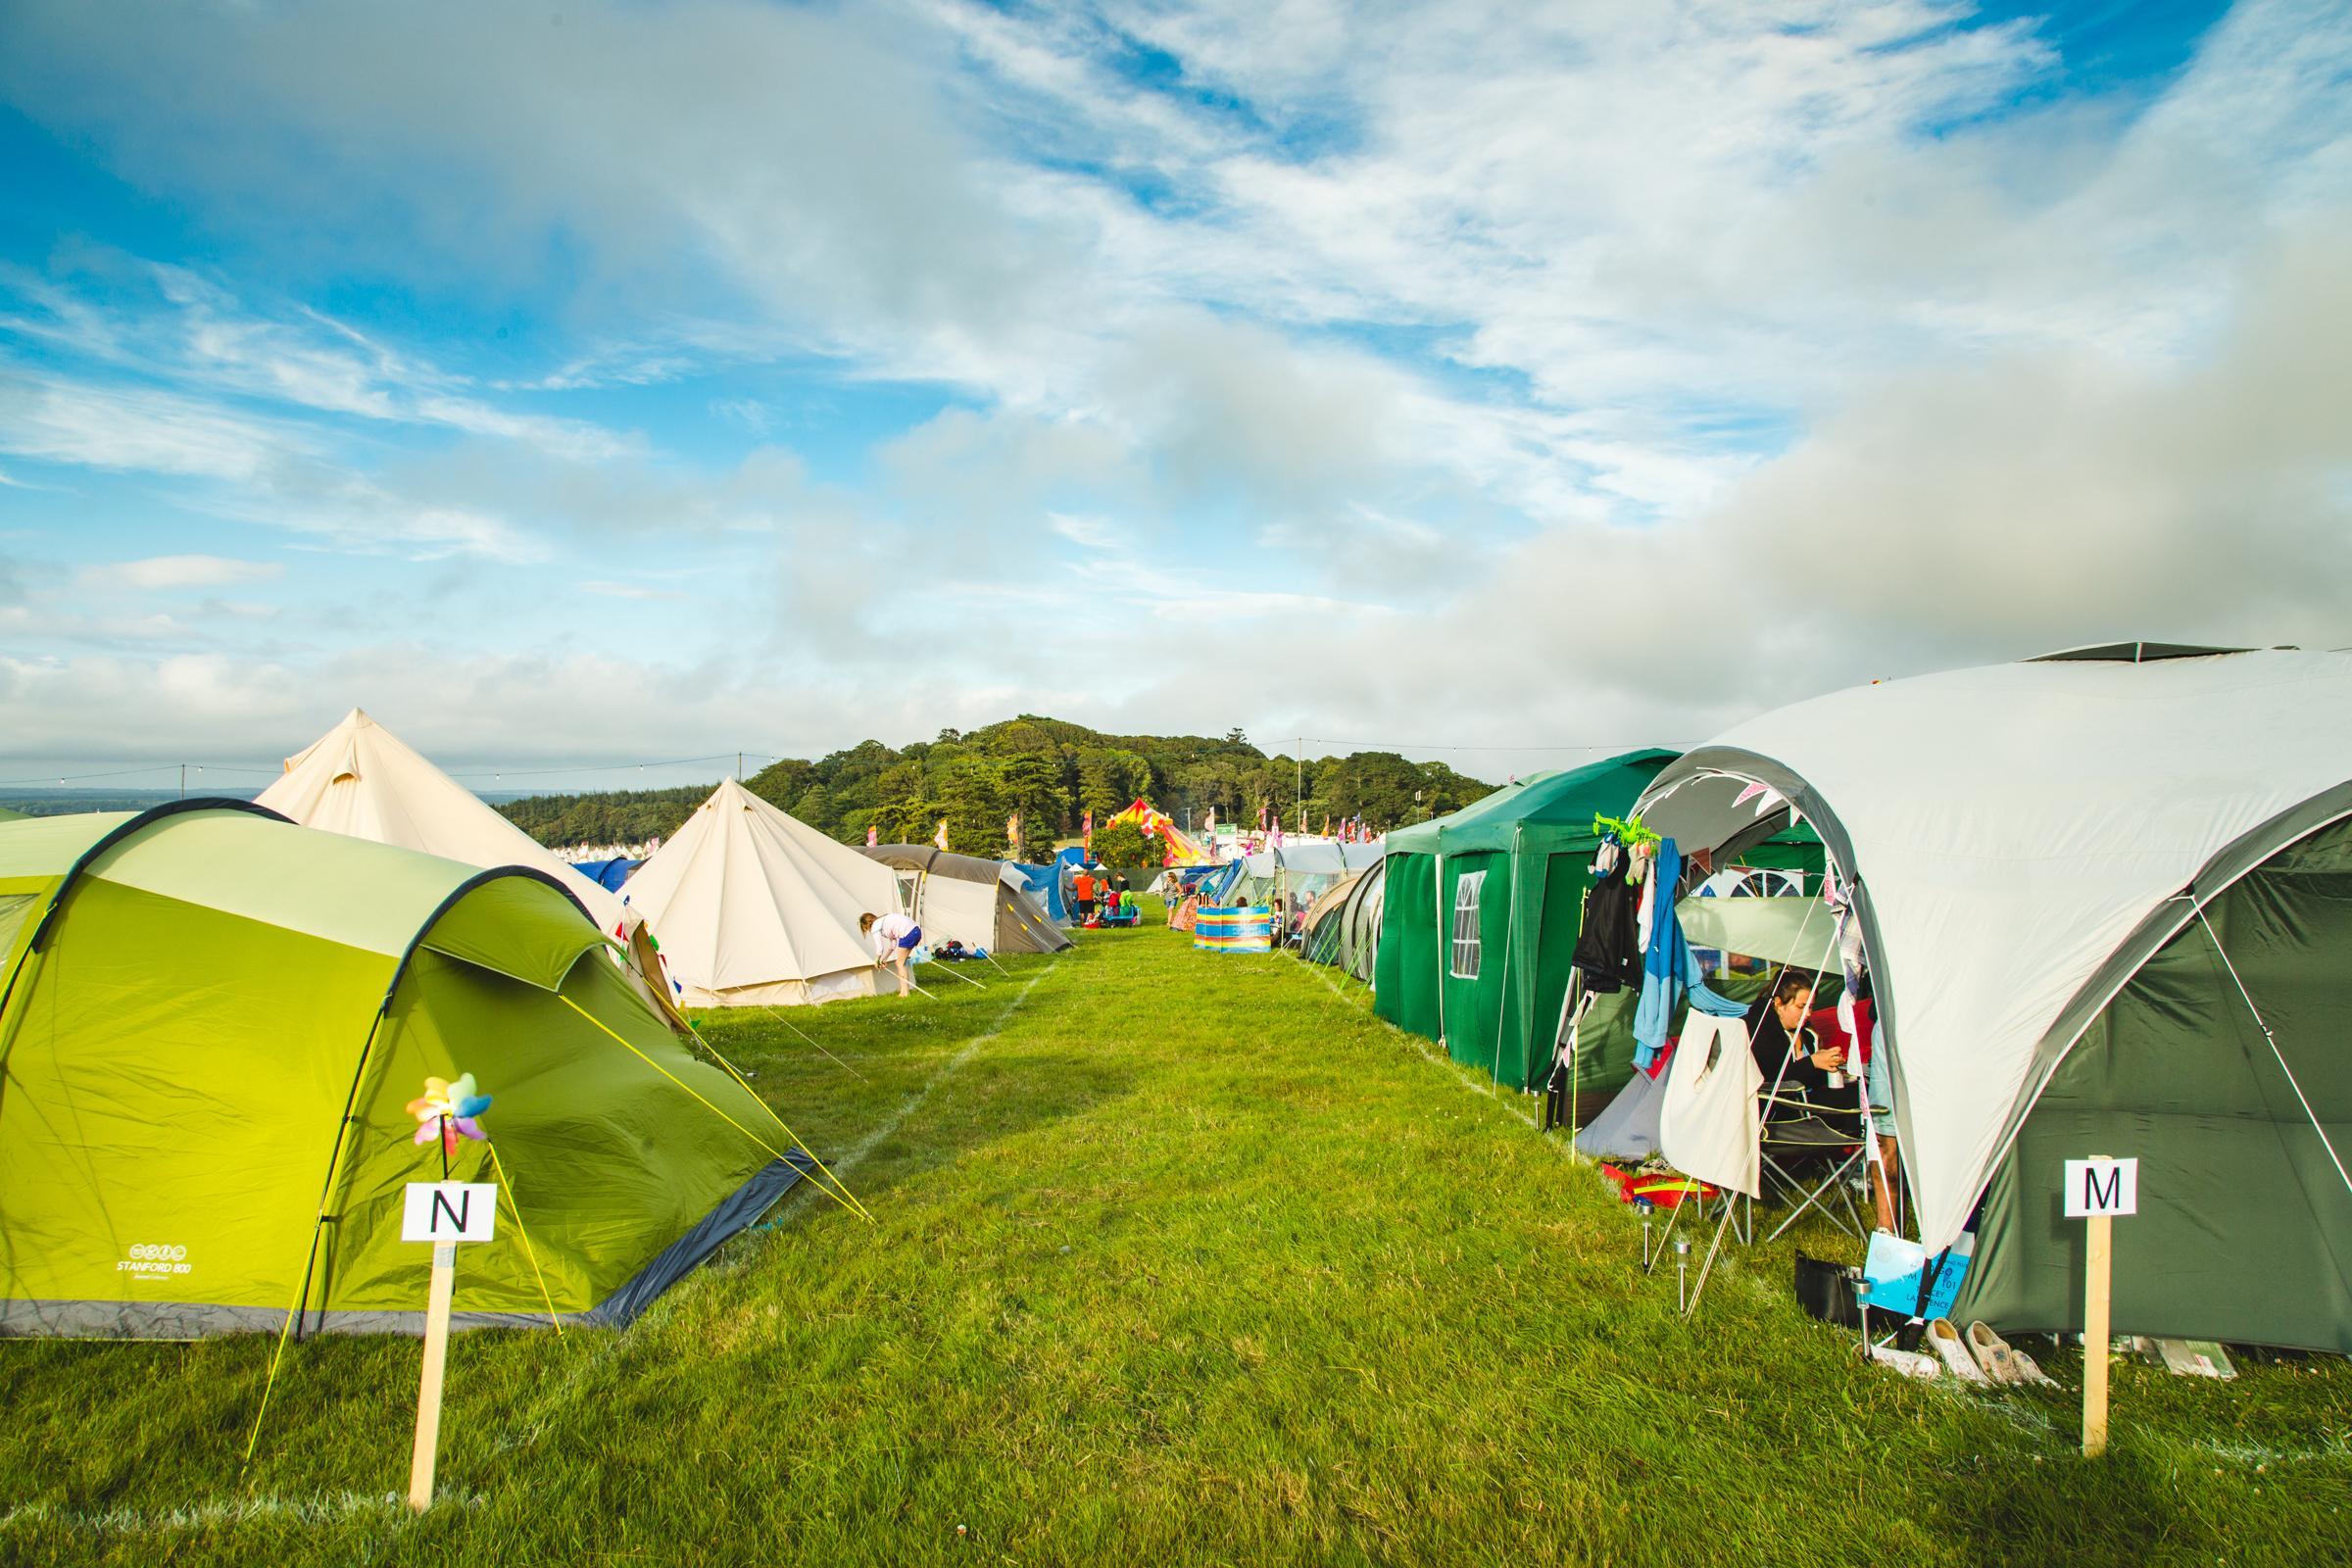 Camping Plus image